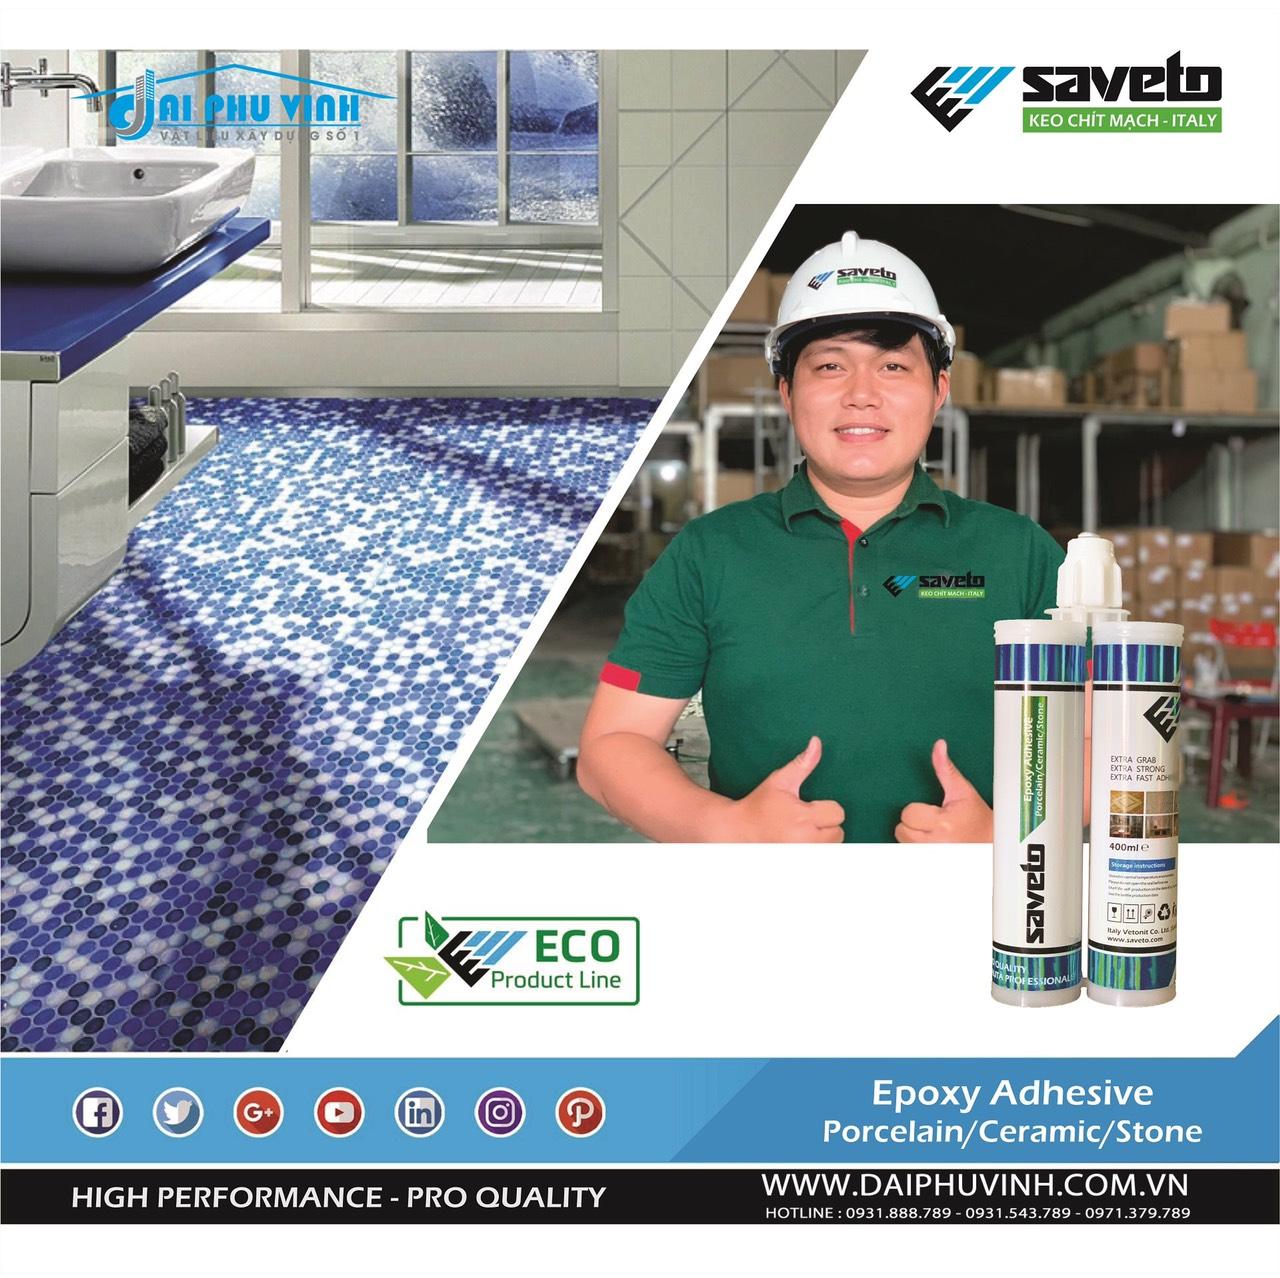 Minh Phú Group chuyên cung cấp các sản phẩm xây dựng Keo-chit-mach-saveto-la-gi-mua-keo-chit-mach-saveto-o-dau-Minhphugroup-0971379789